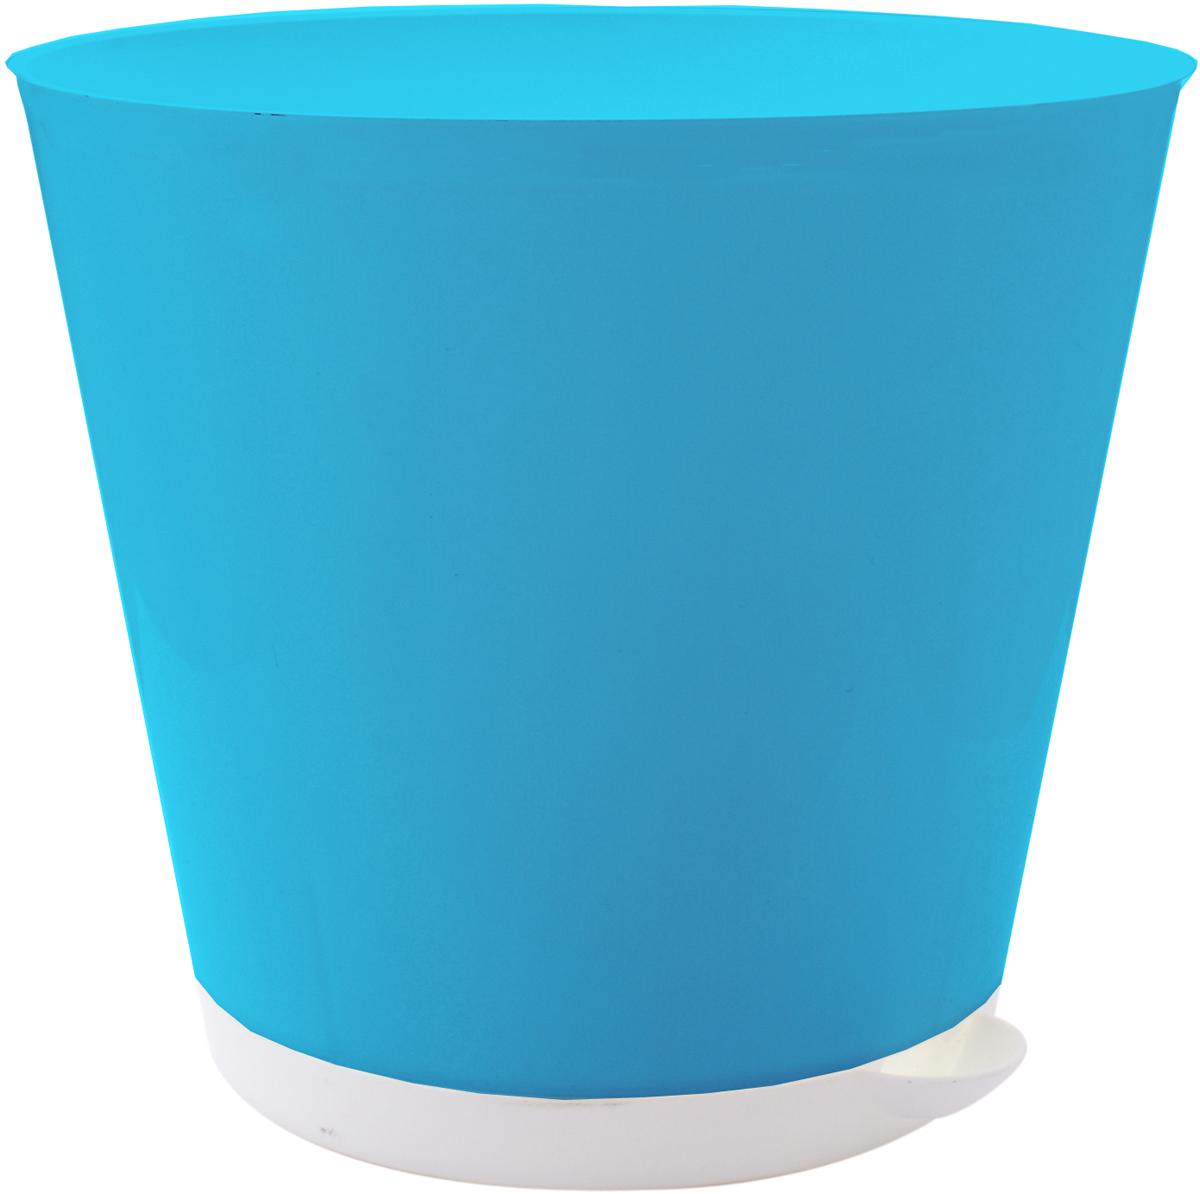 Горшок для цветов InGreen Крит, диаметр 20 см, с прикорневым поливом, цвет: светло-синийING46020СВСН-12РSЯркие образы и формы горшков Крит притягивают глаз, концентрируют на себе внимание и создают непосредственную атмосферу вечного праздника. Горшки Крит выполнены из высококачественного пластика, не бьются, не выгорают на солнце. Специальная конструкция обеспечивает вентиляцию в корневой системе растения, а дренажные отверстия позволяют выходить лишней влаге из почвы. Крепёжные отверстия и штыри прочно крепят подставку к горшку. Прикорневой полив растения осуществляется через удобный носик. Горшки Крит предназначены для выращивания комнатных растений.